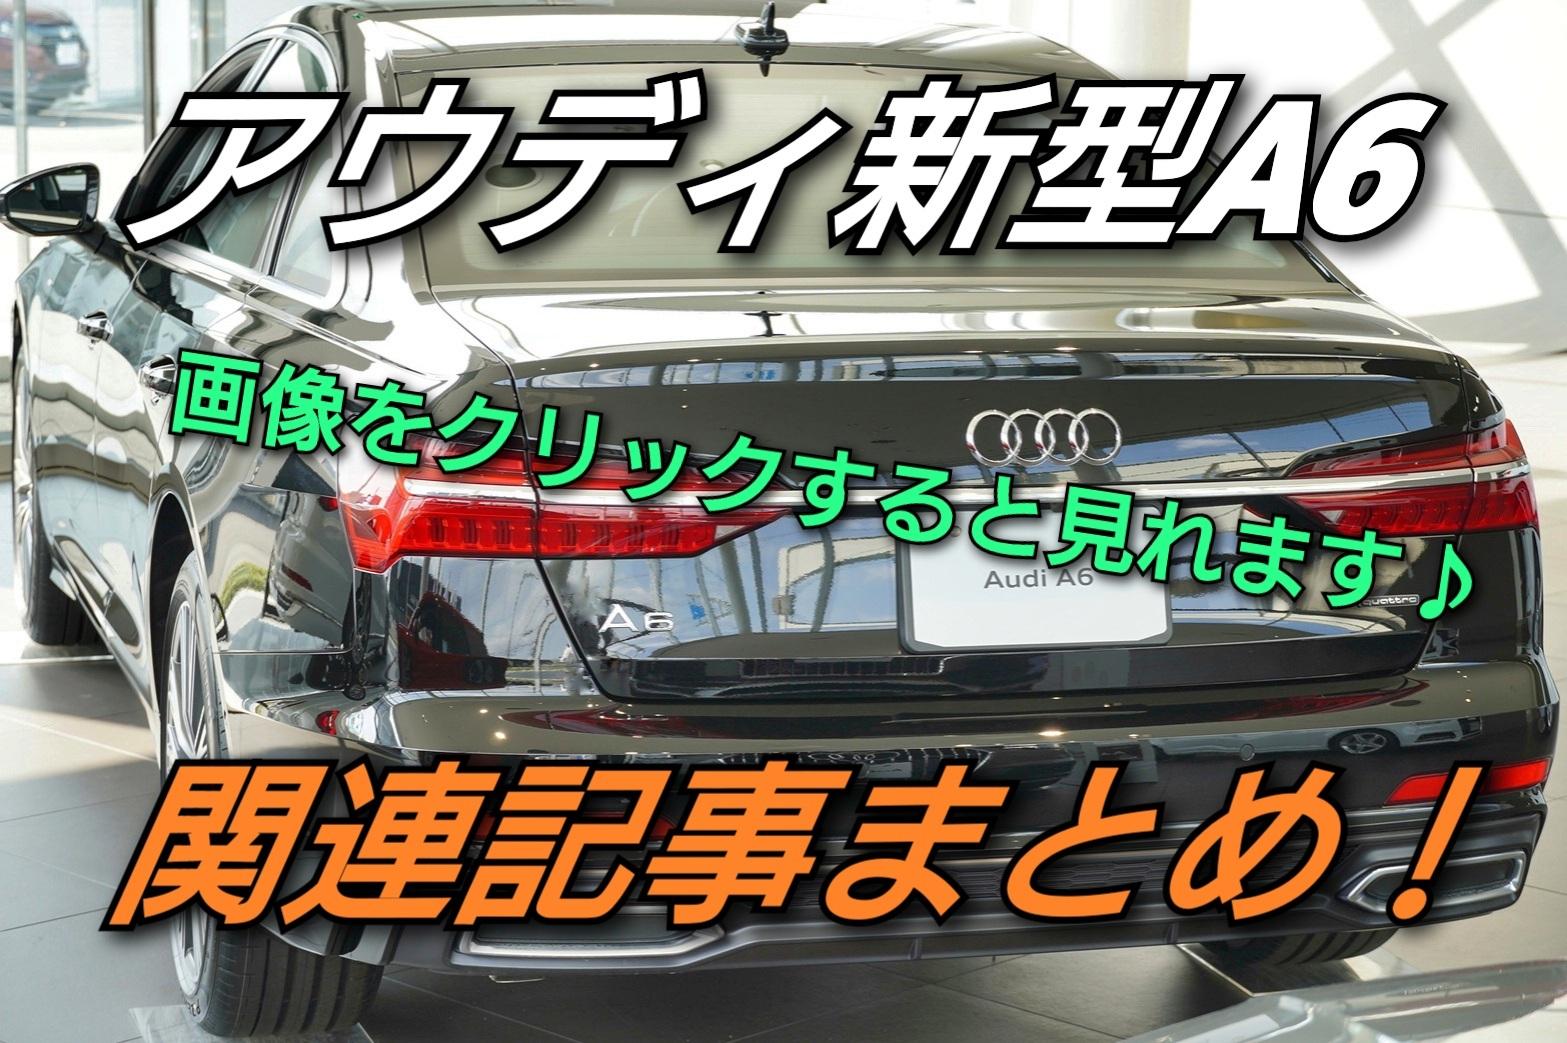 【アウディ新型A6関連記事まとめ】